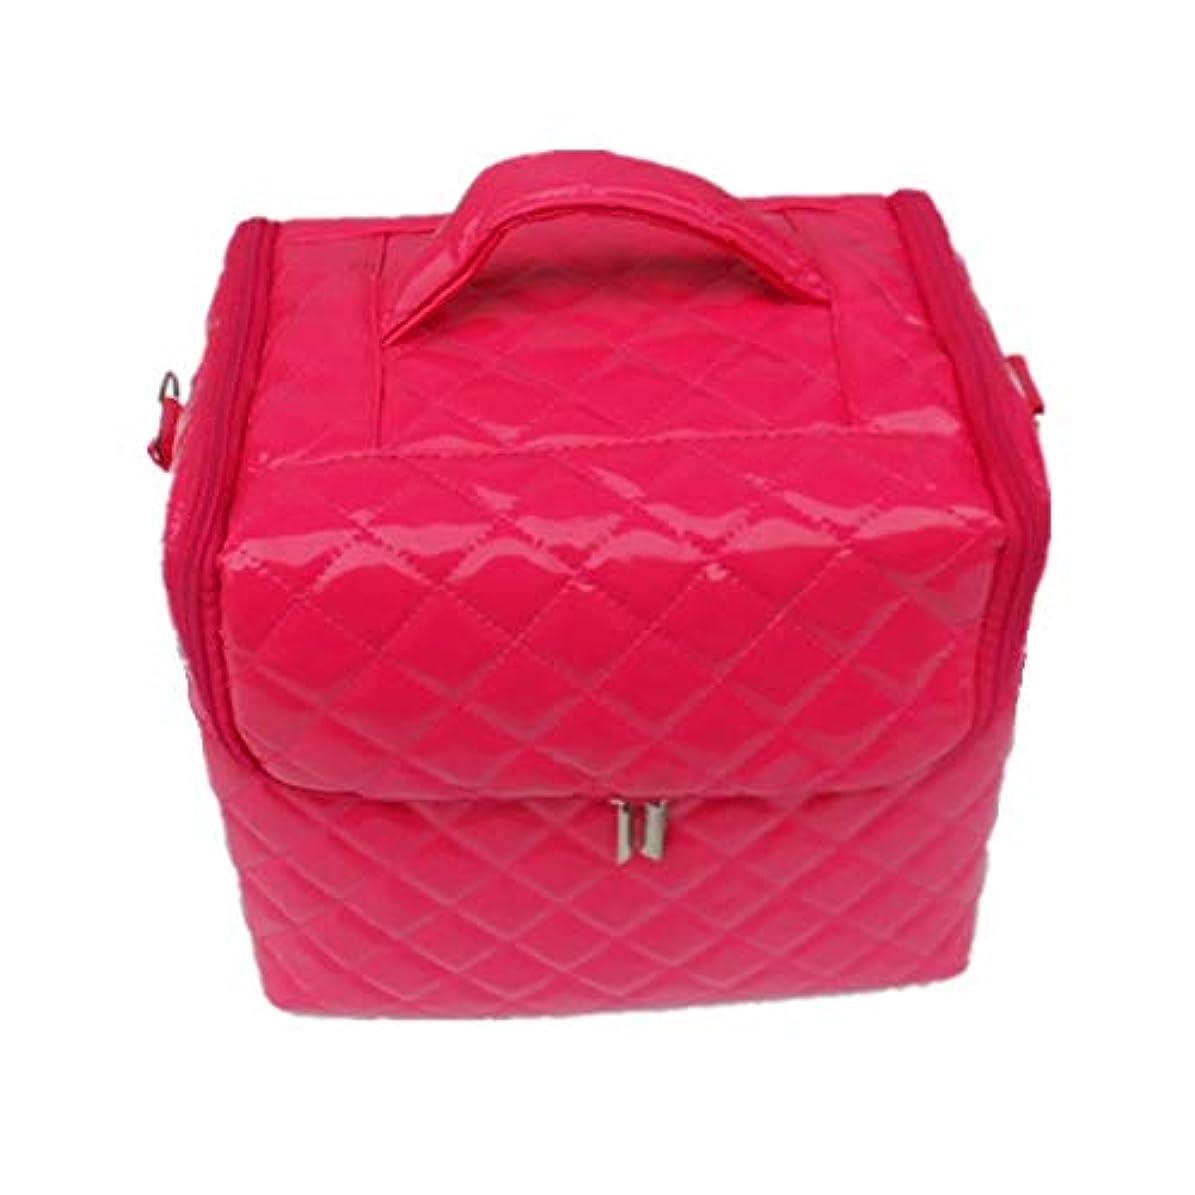 従事した彼ら意識的化粧オーガナイザーバッグ 美容メイクアップのための大容量ポータブル化粧品バッグと女性の女性の旅行とジッパーと折り畳みトレイで毎日のストレージ用 化粧品ケース